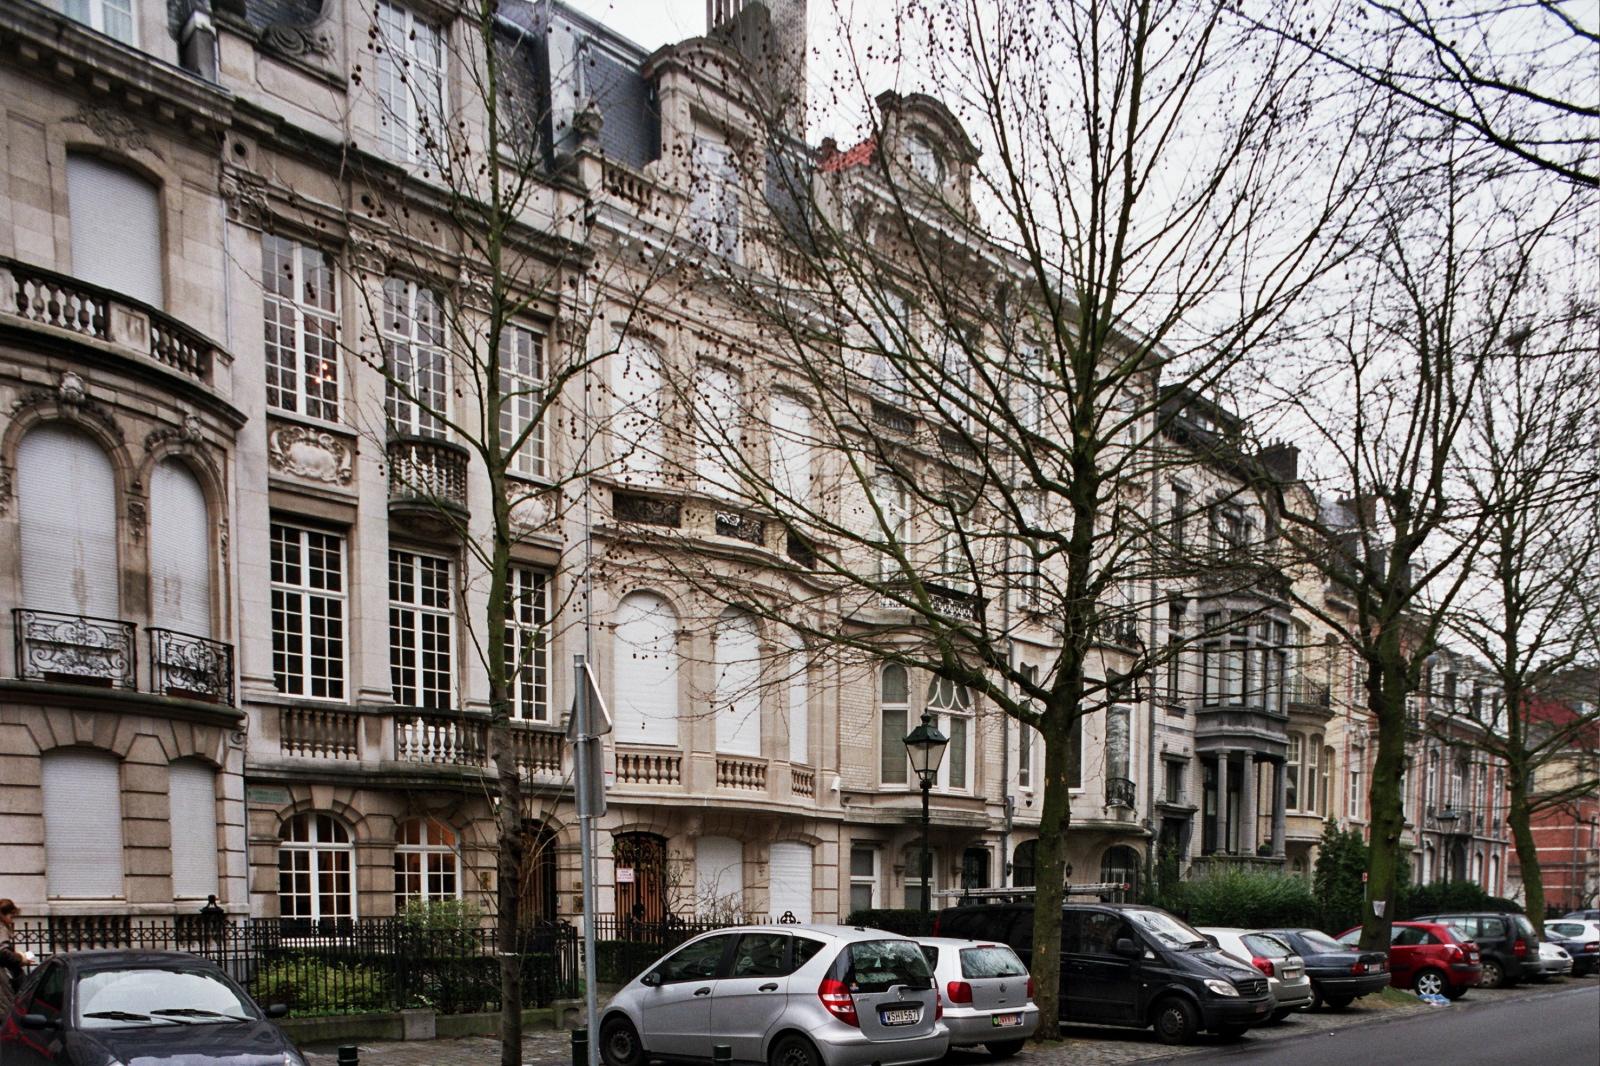 Avenue Molière, enfilade d'immeubles de style Beaux-Arts côté pair (Ixelles)., 2007